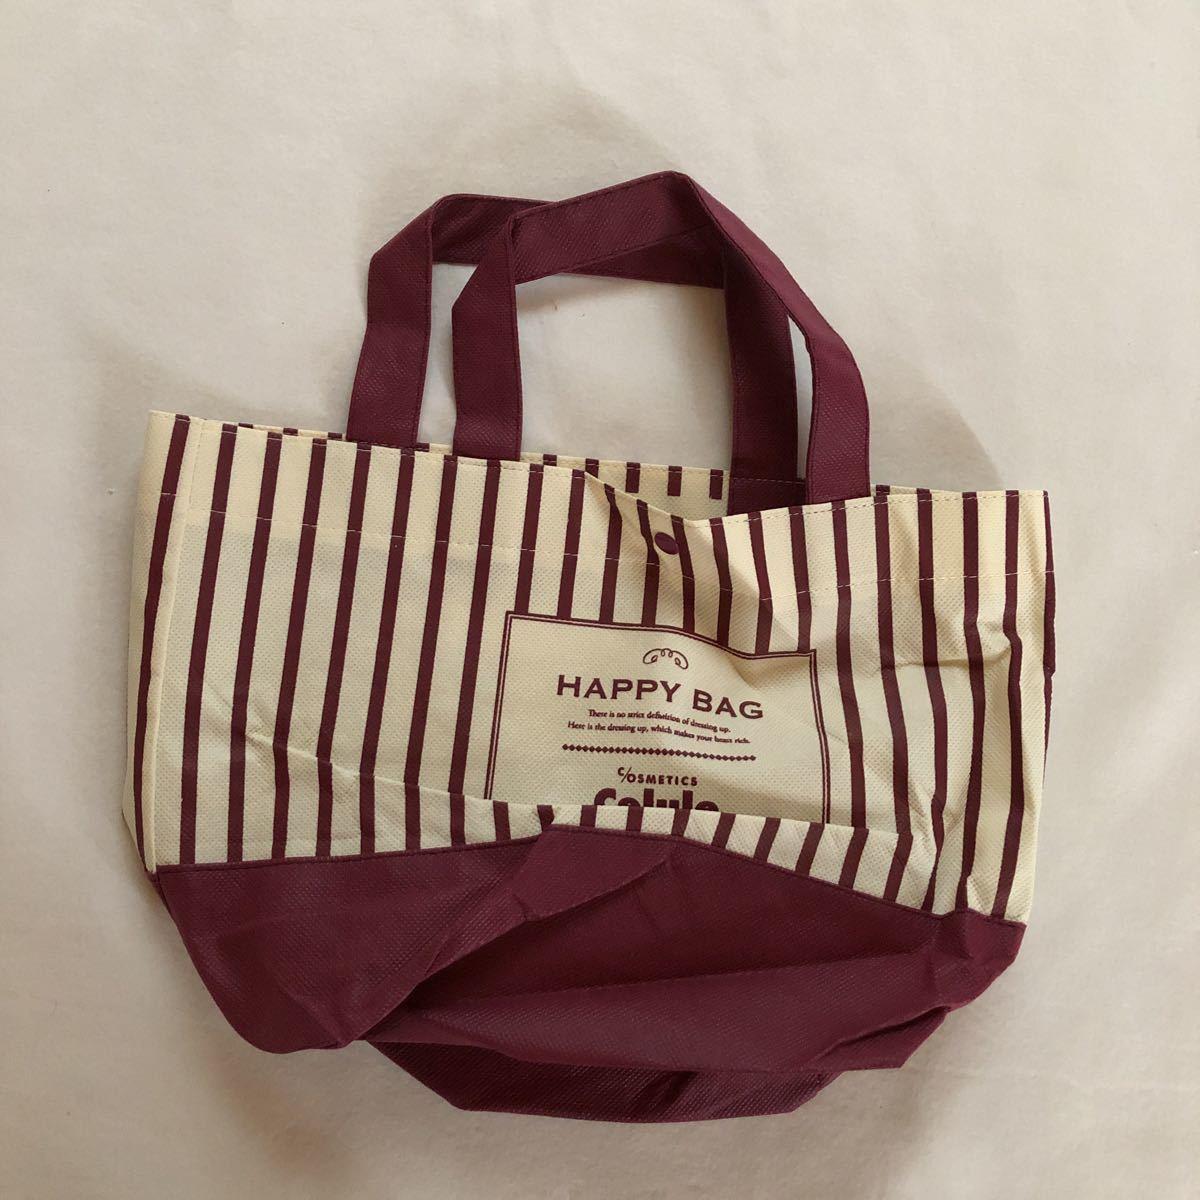 セルレ Celule 鞄 かばん カバン トートバック 新品 未使用 福袋 ハッピーバッグ 不織布 ノベルティグッズ お弁当袋 ランチバッグ _画像3